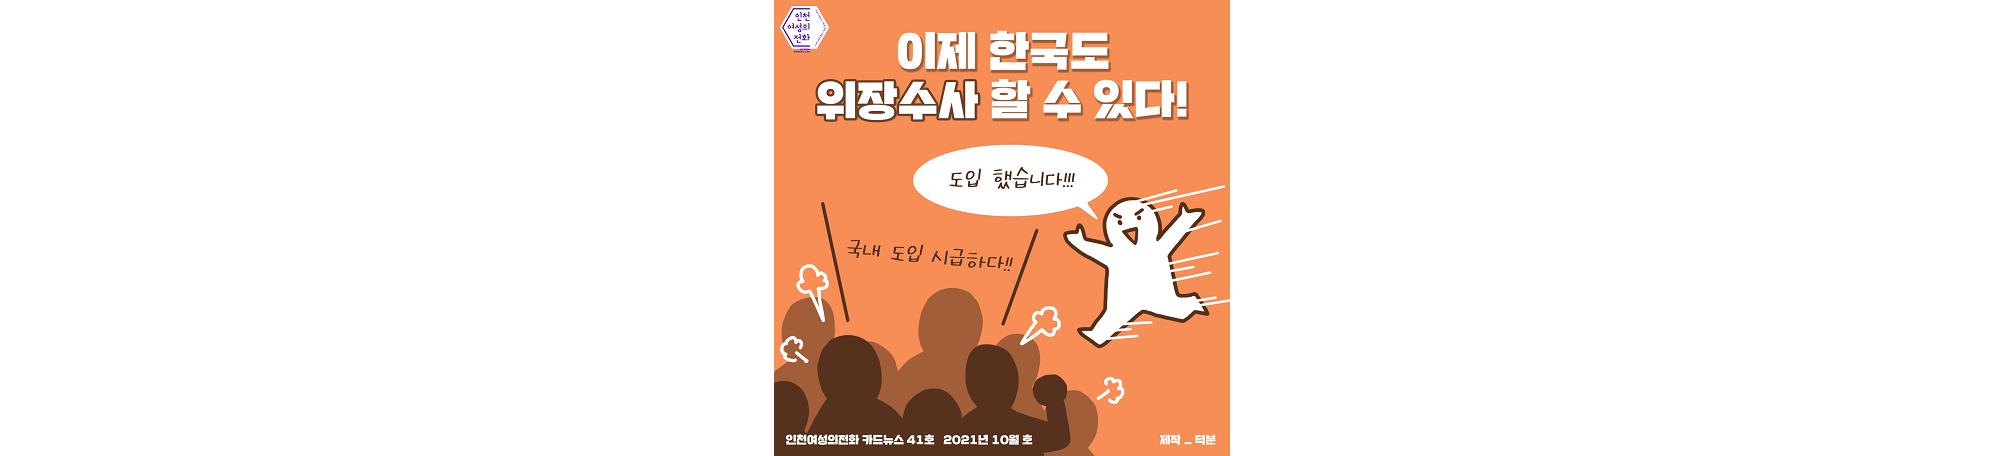 카드뉴스제41호 이제 한국도 위장수사 할수 있다!